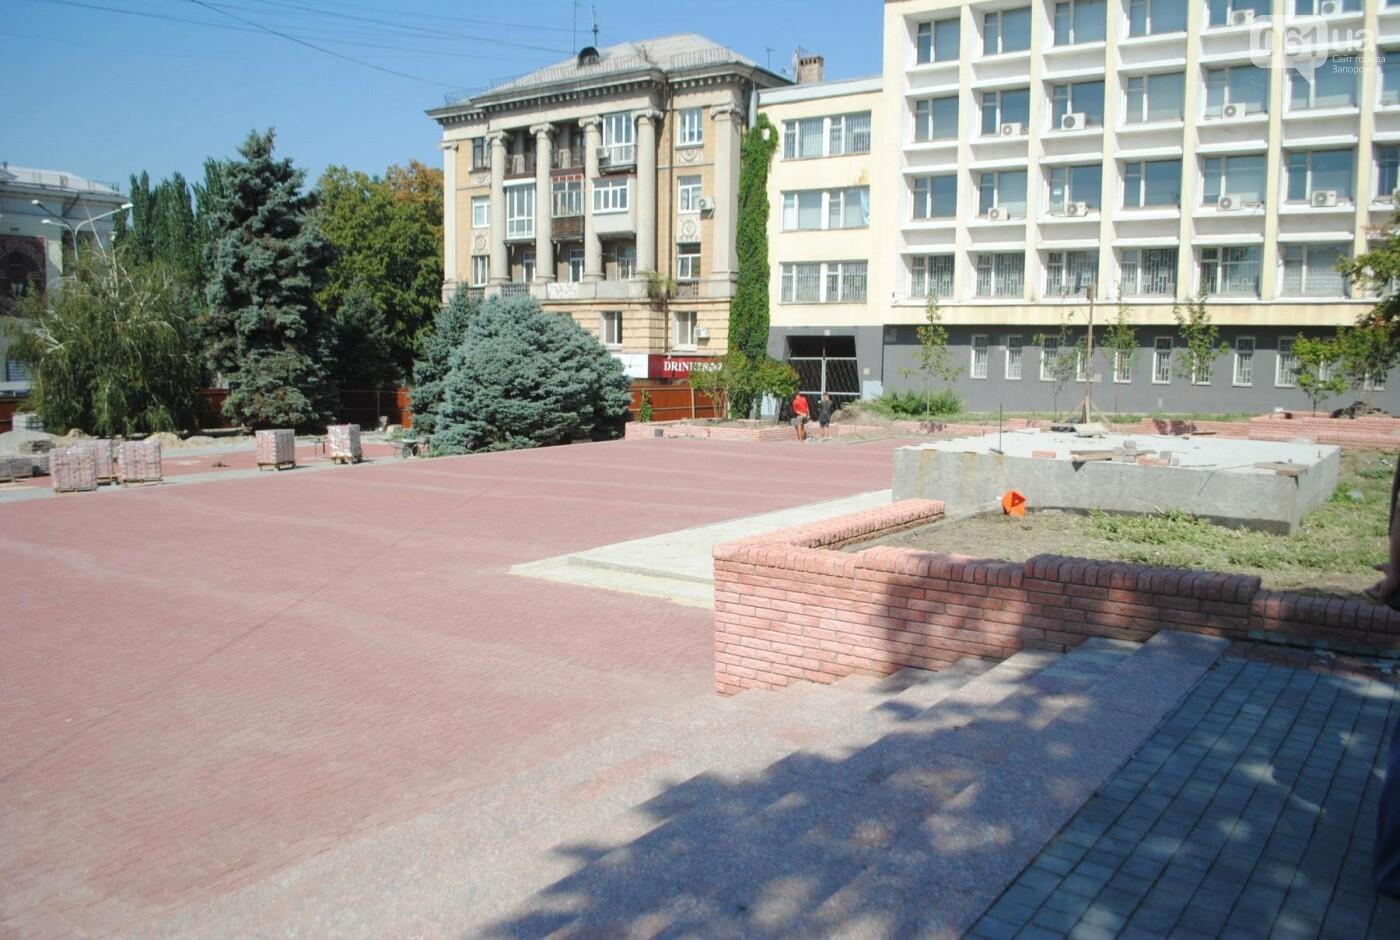 Сквер напротив театра Магара обещают открыть до Дня города, ранее обещали ко Дню Независимости — ФОТОРЕПОРТАЖ, фото-12